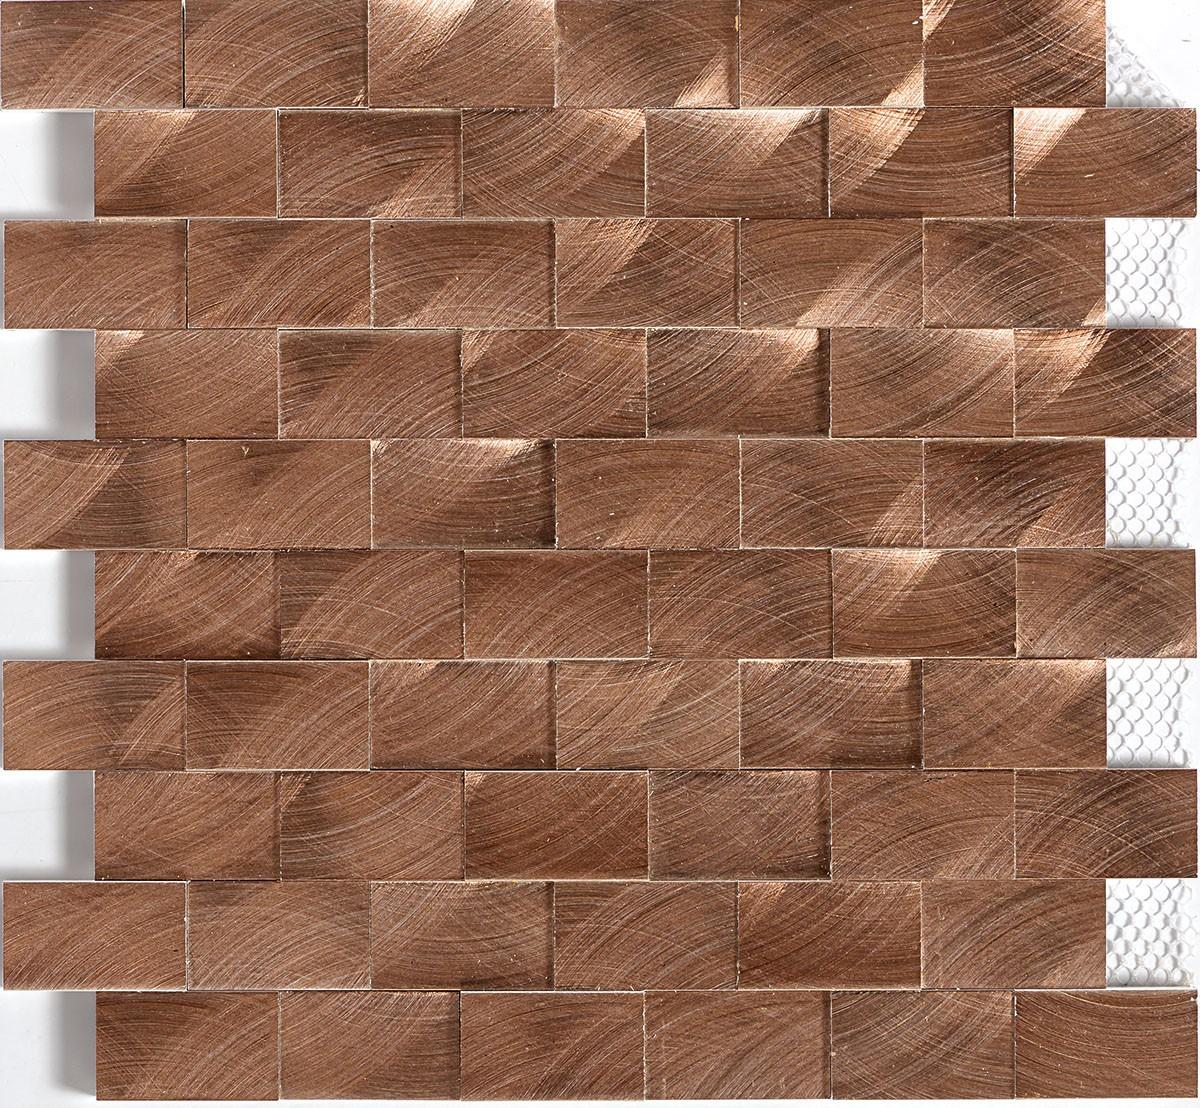 ST71 Copper Mosaic 3d brick joint